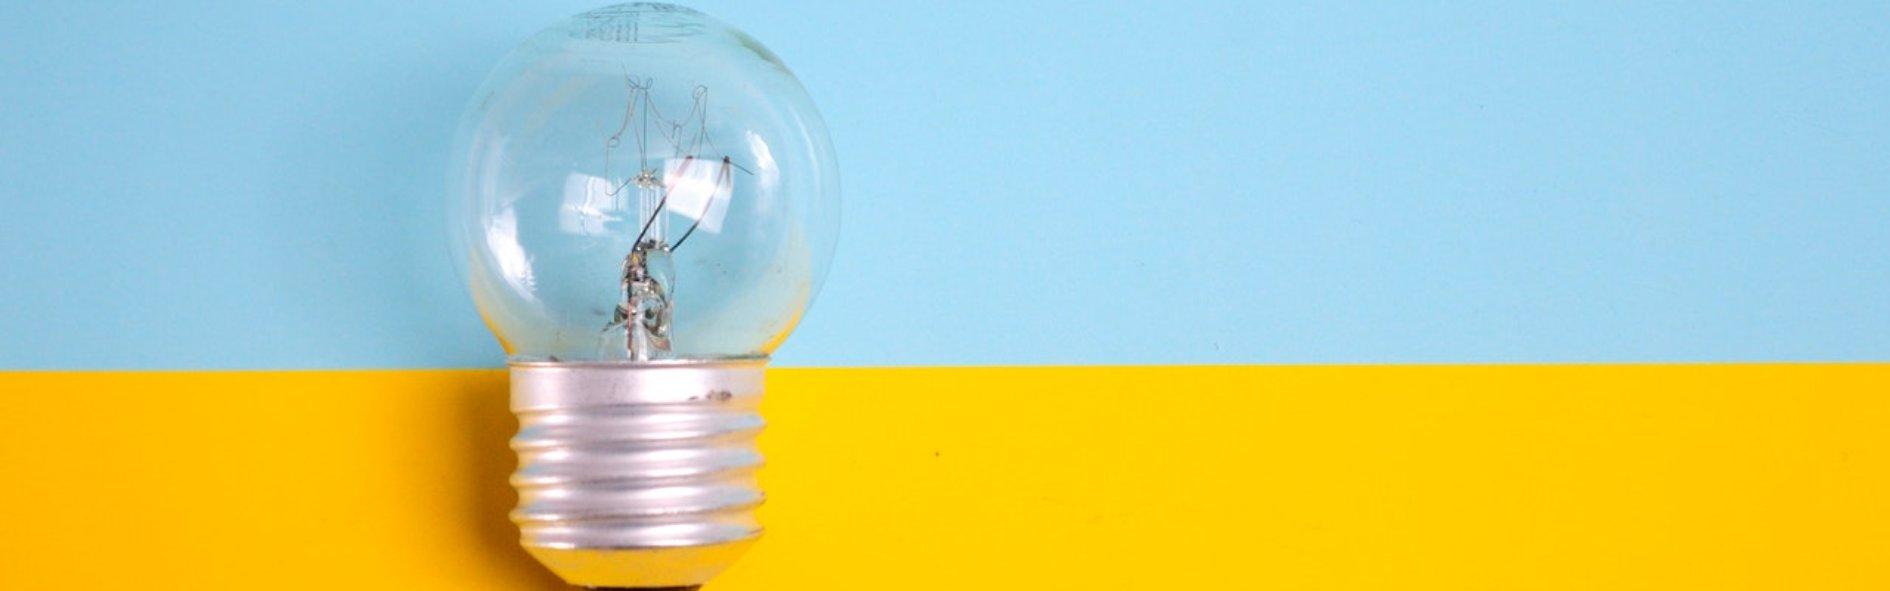 Descubre el pensamiento lateral y cómo desarrollarlo